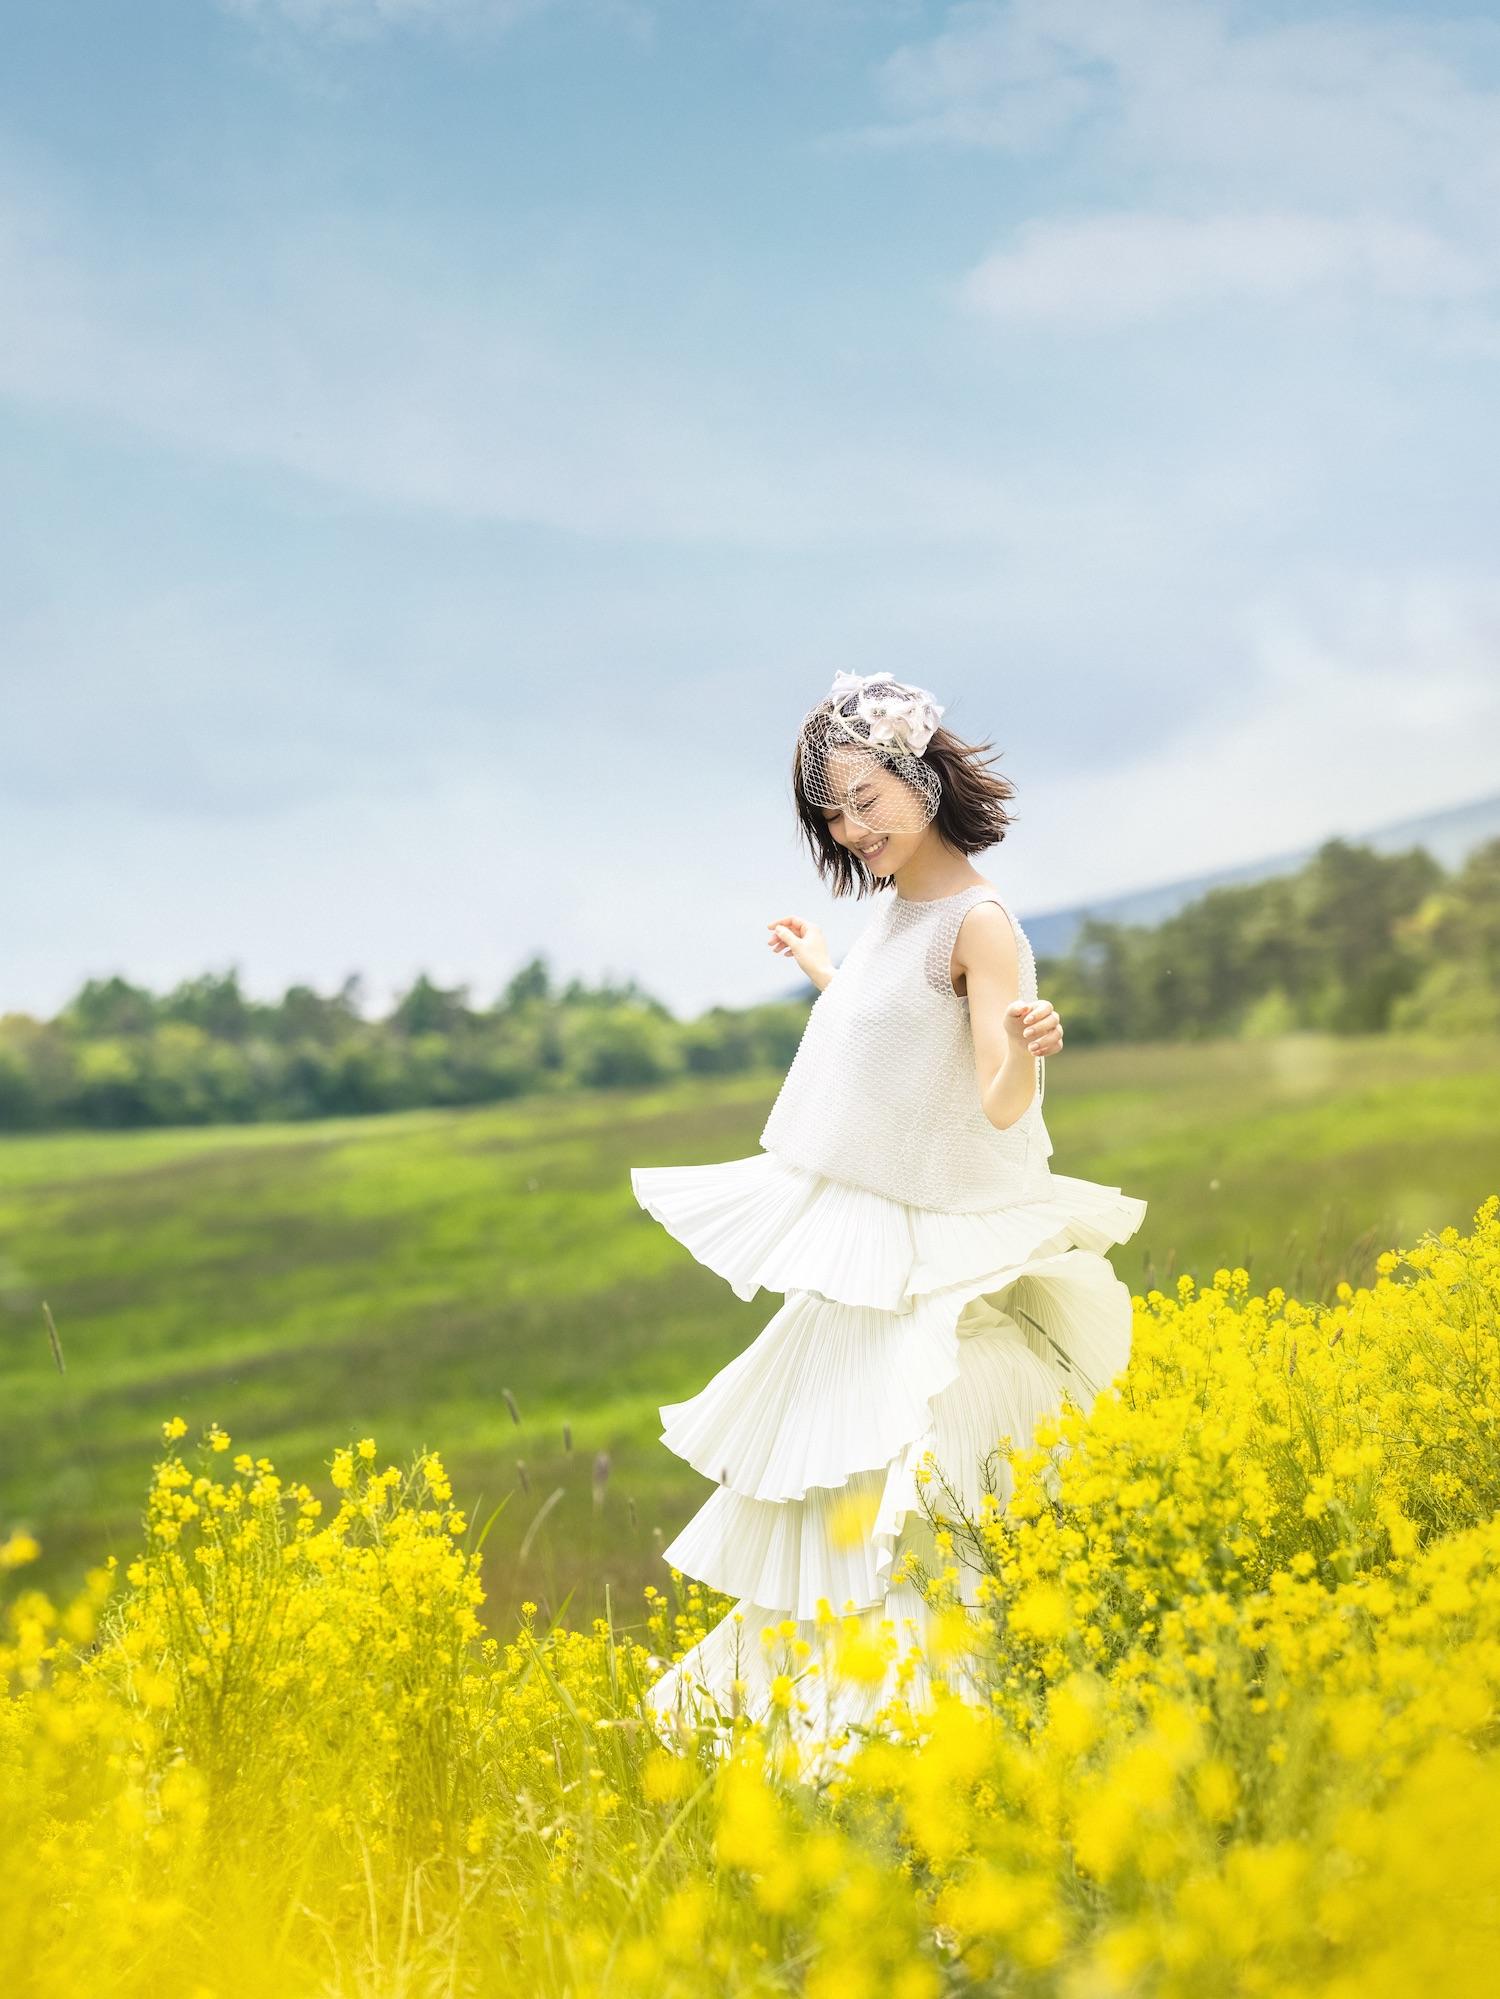 山下美月(乃木坂46)、初のウエディングドレス姿 披露